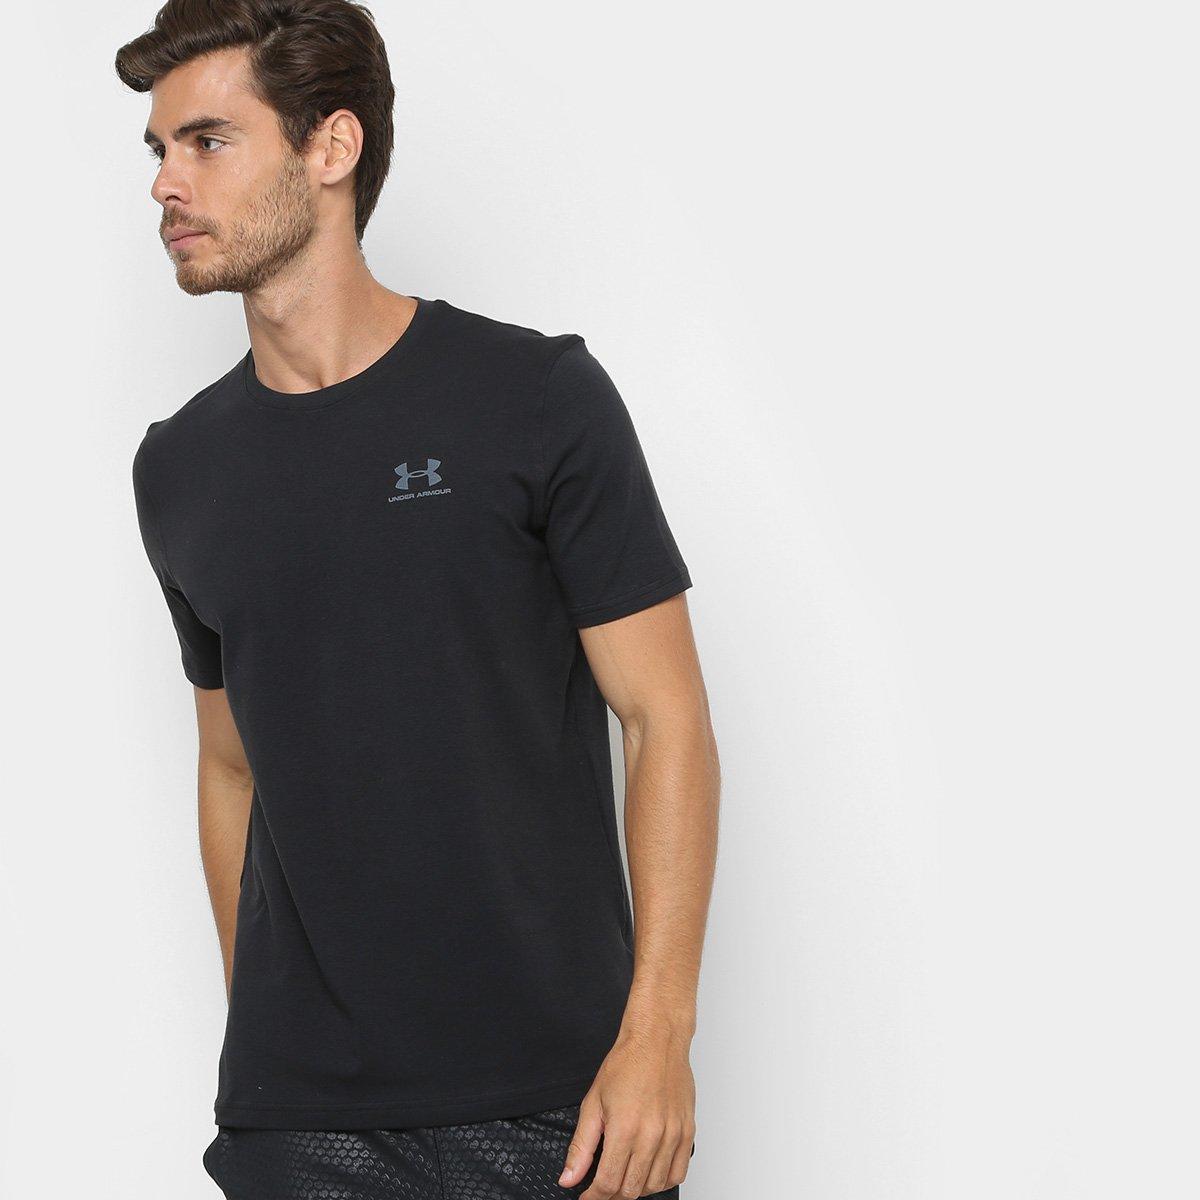 506fe4f60b0 Camiseta Under Armour Left Chest Lockup Masculina - Preto e Cinza - Compre  Agora